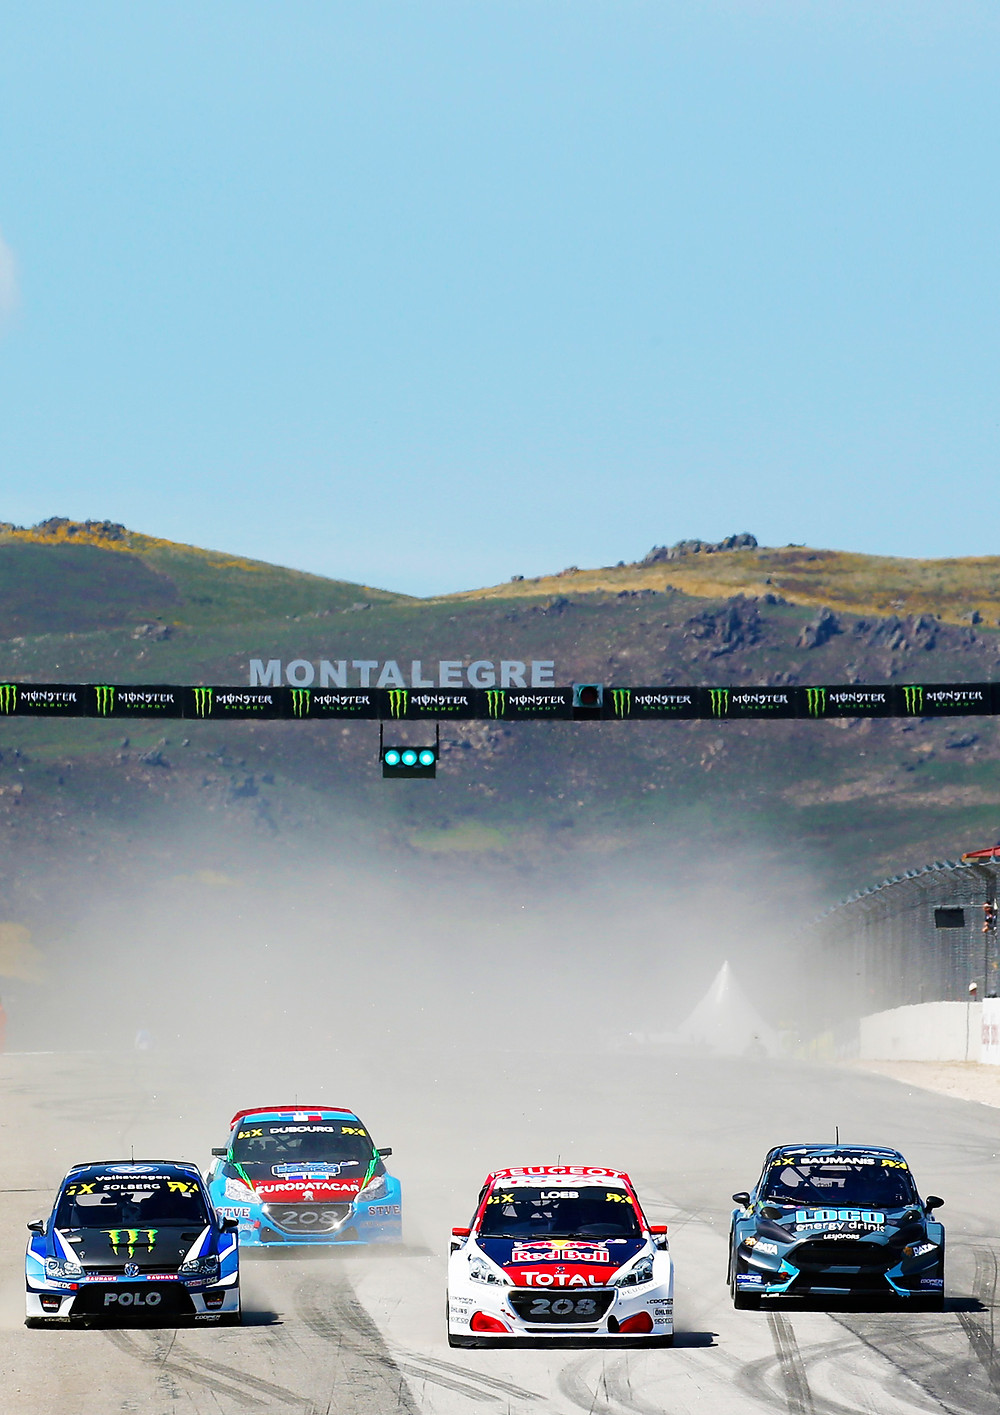 Prova do Mundial de Rallycross em Montalegre reagendada para outubro